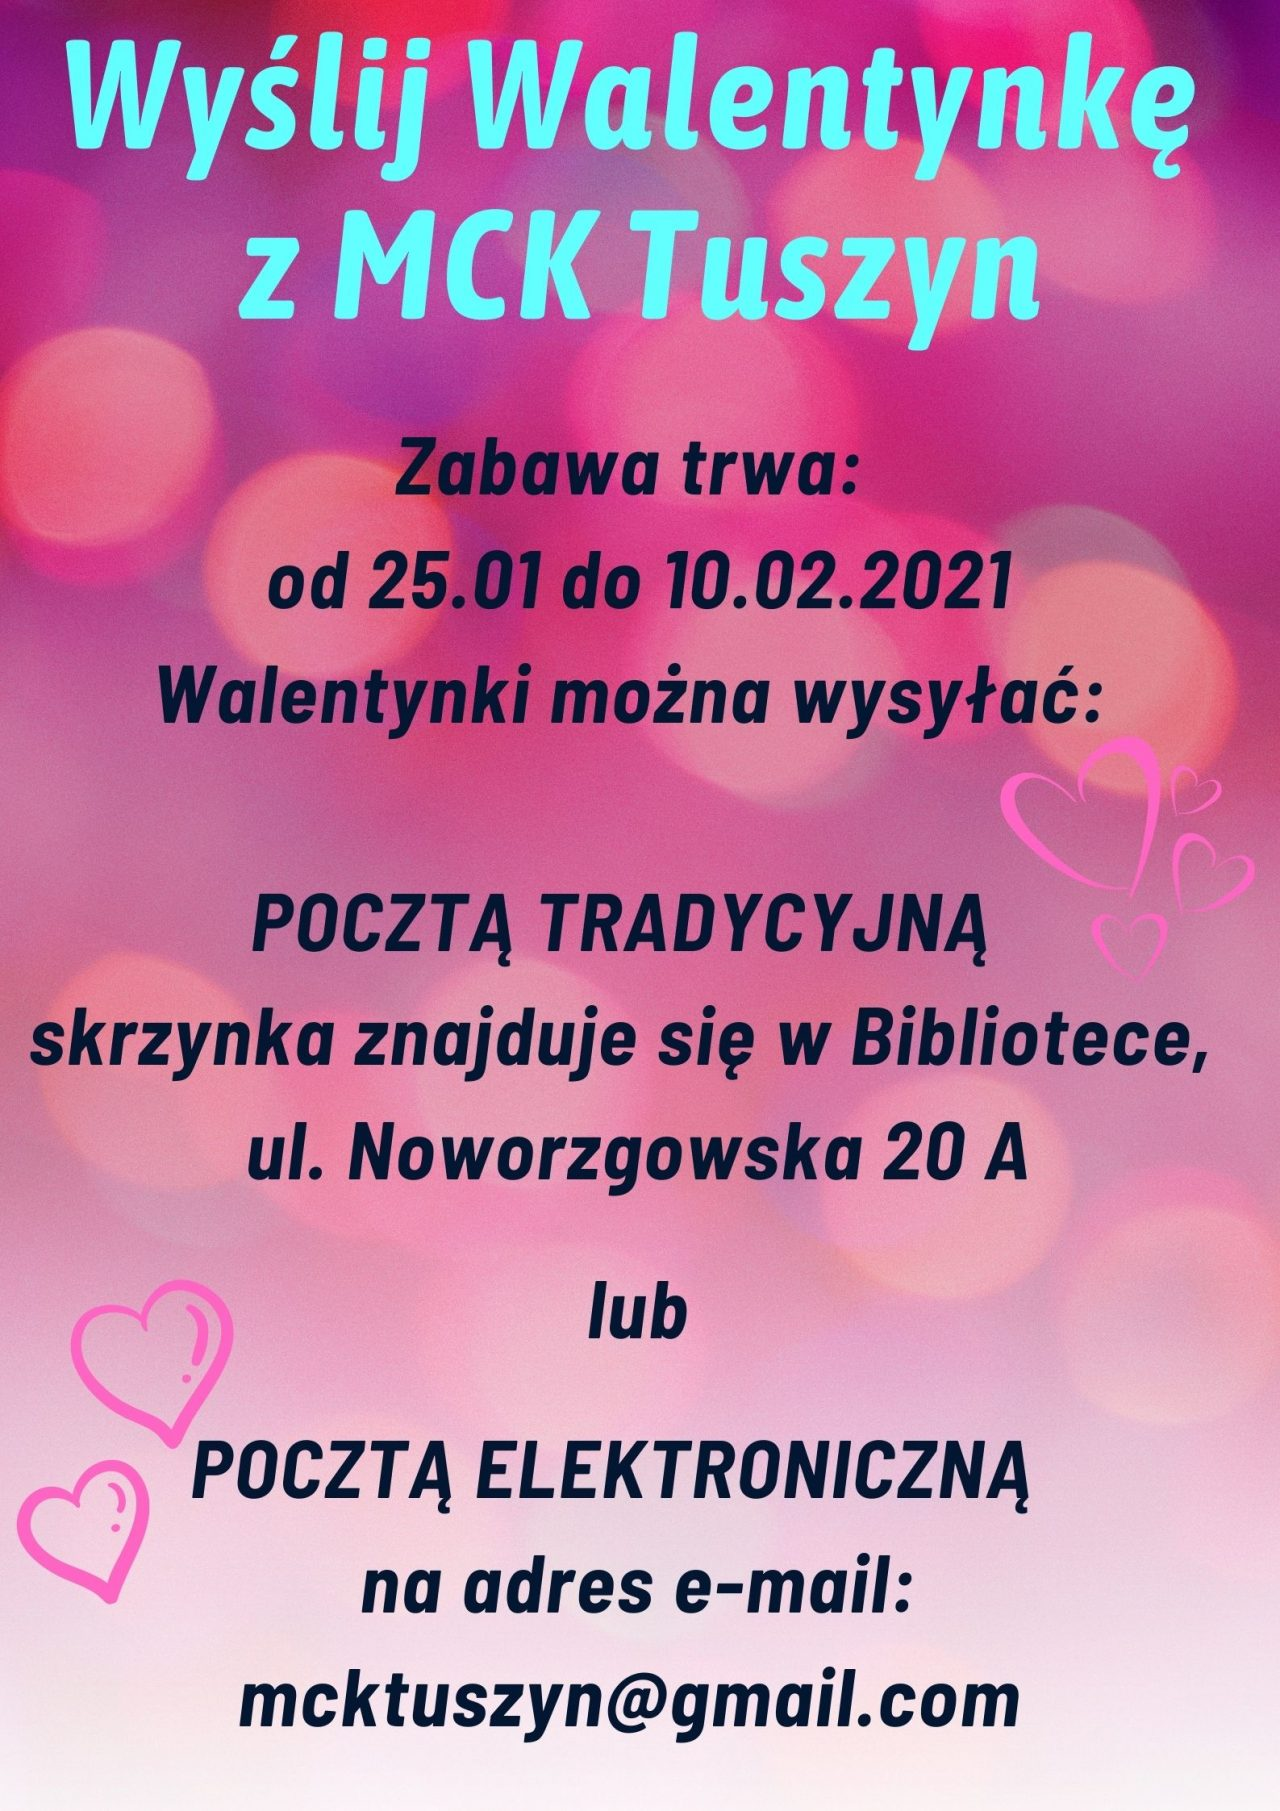 https://mcktuszyn.pl/wp-content/uploads/2021/01/Wyslij-Walentynke-z-1280x1811.jpg